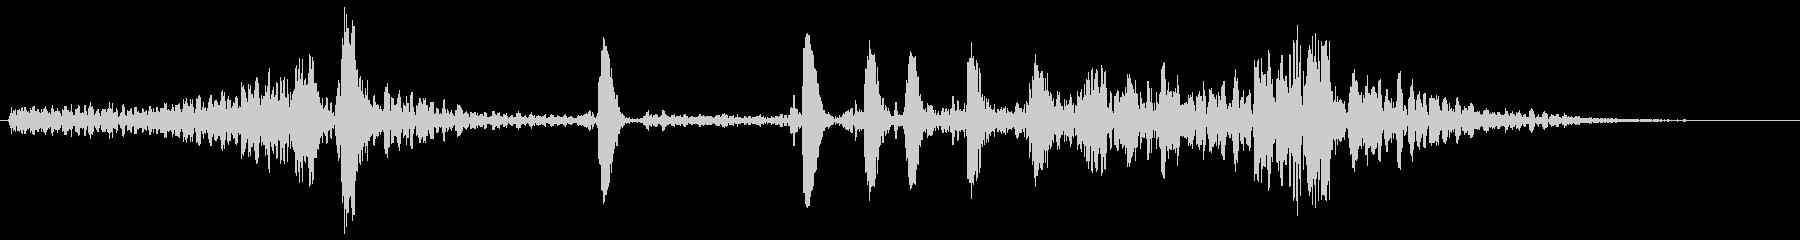 ブーン(浮遊感のある効果音)の未再生の波形